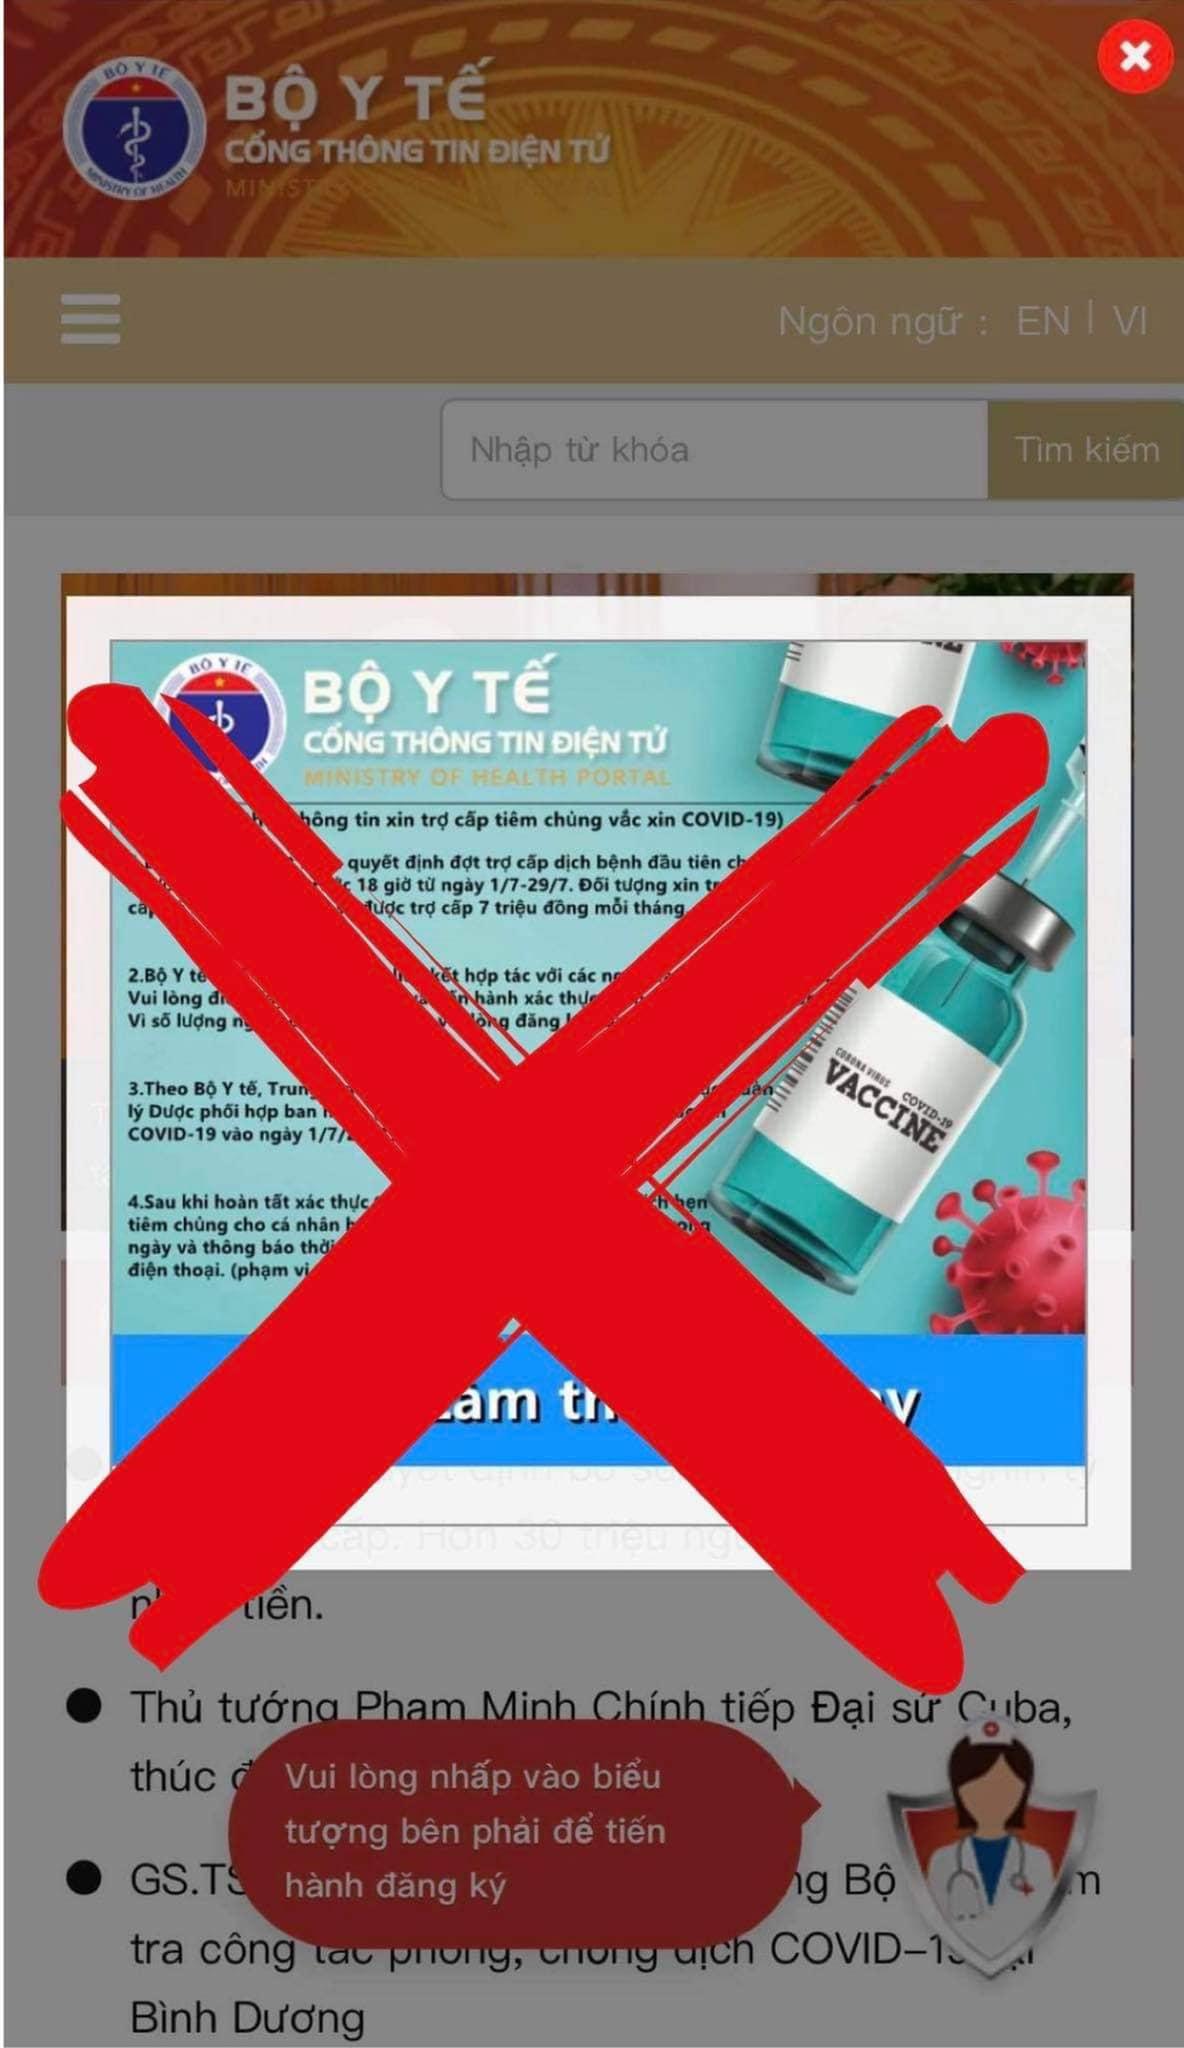 Website giả mạo Cổng thông tin điện tử của Bộ Y tế để lừa đảo